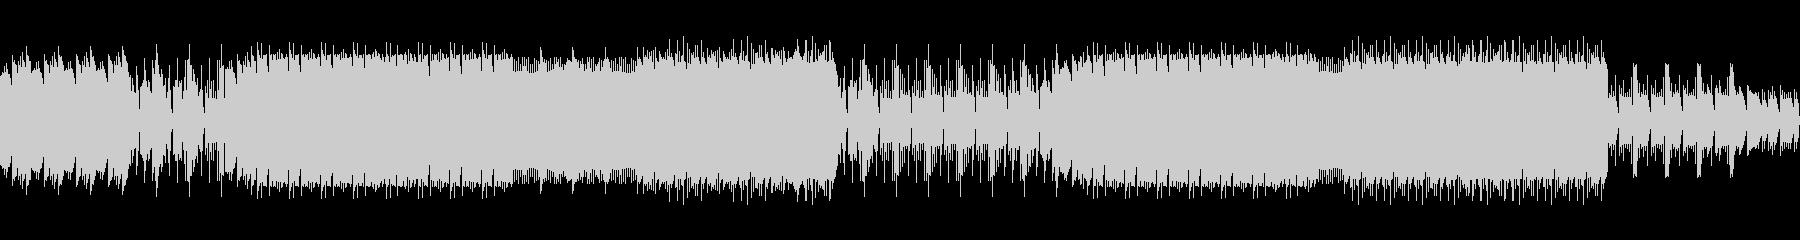 8ビットゲームサウンドBGM 02の未再生の波形